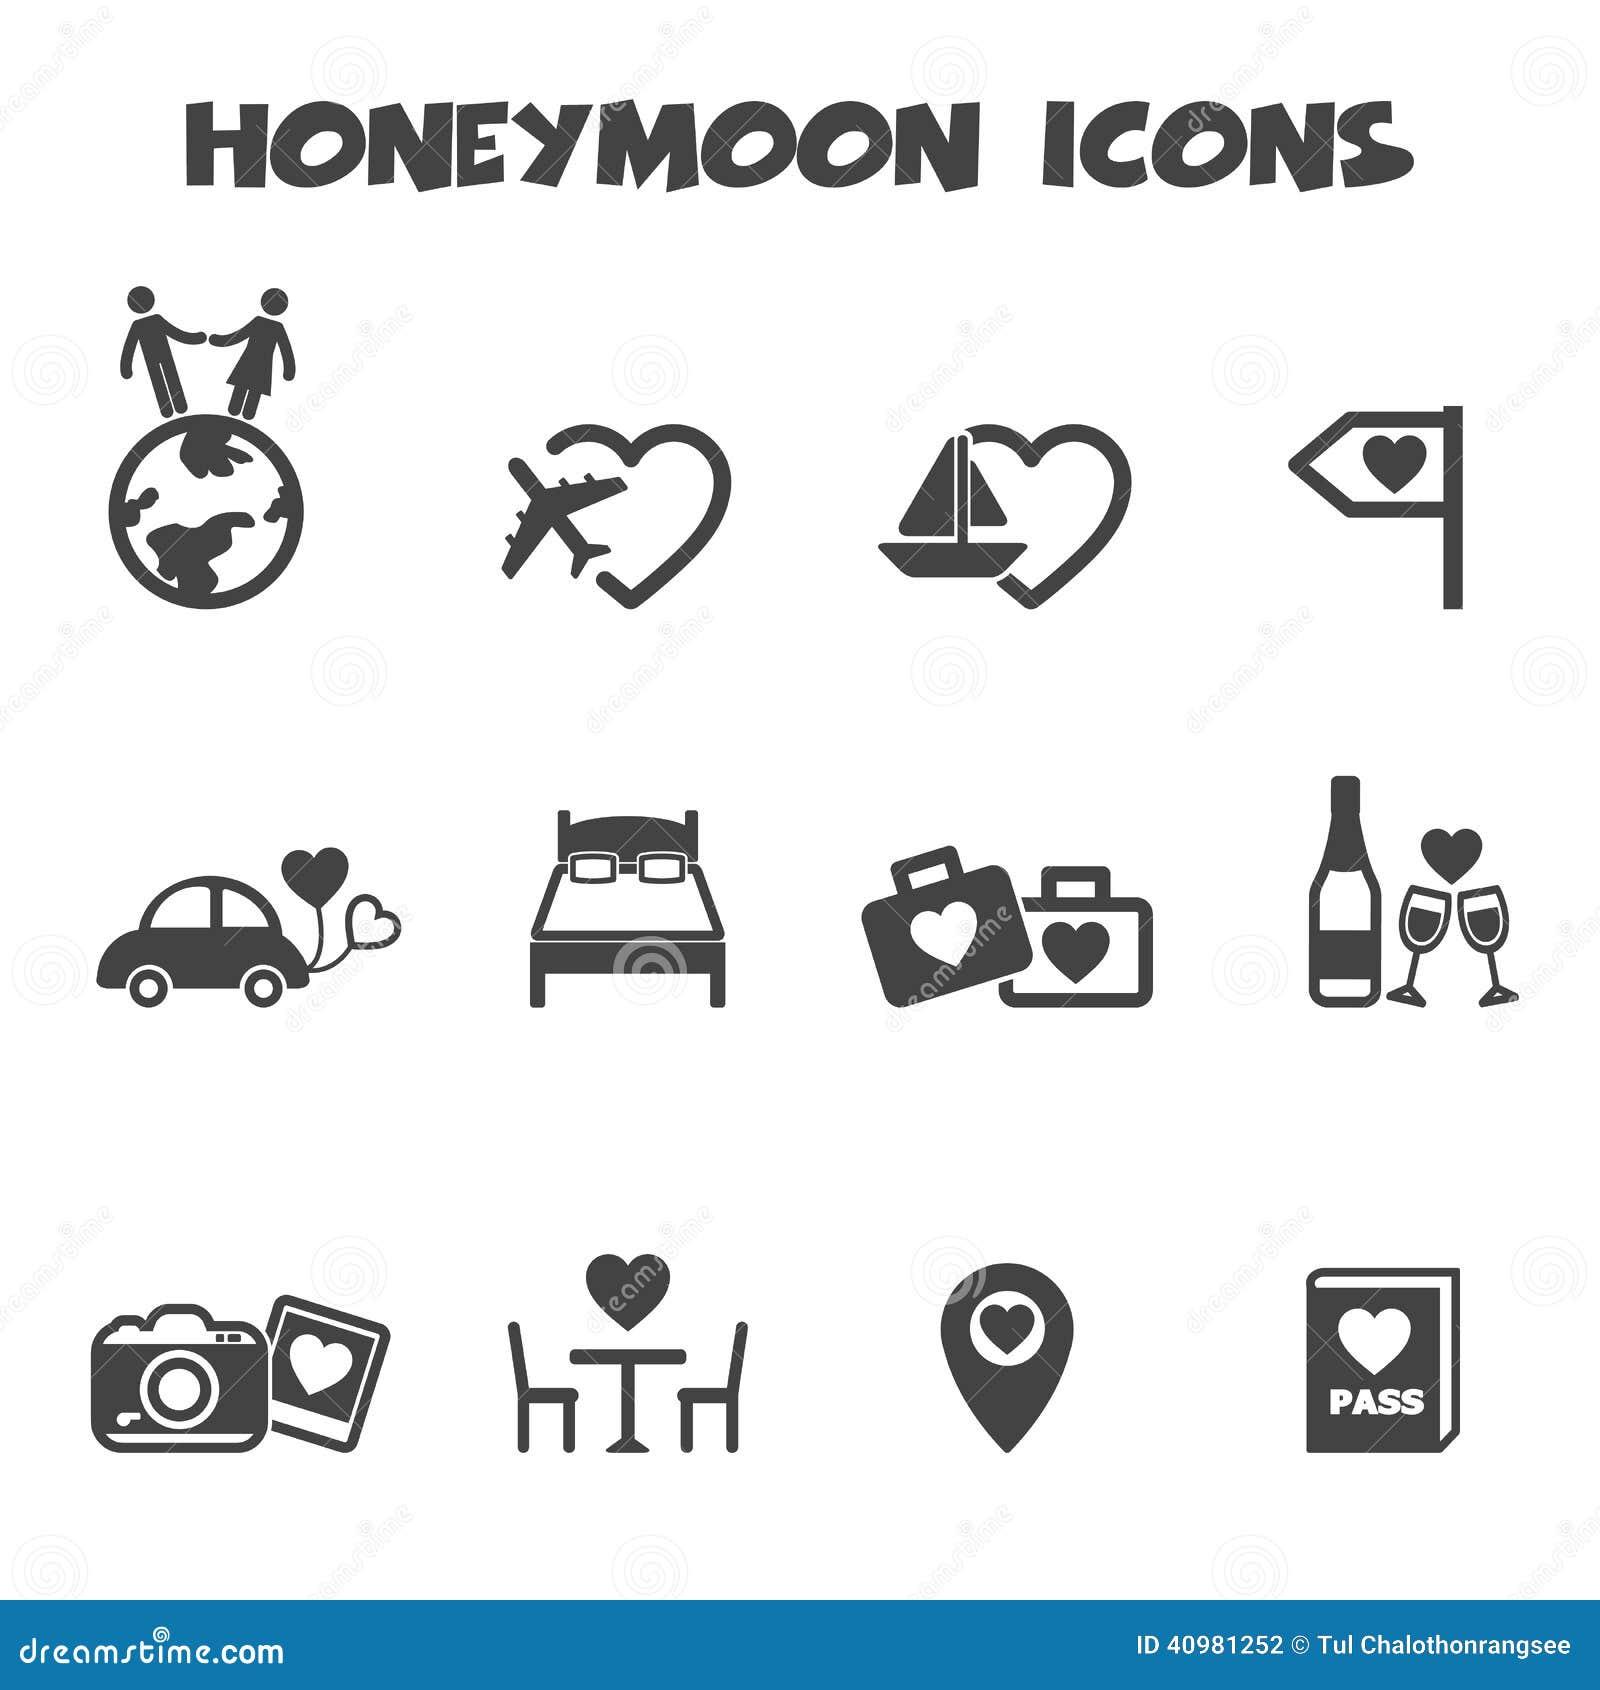 Honeymoon icons